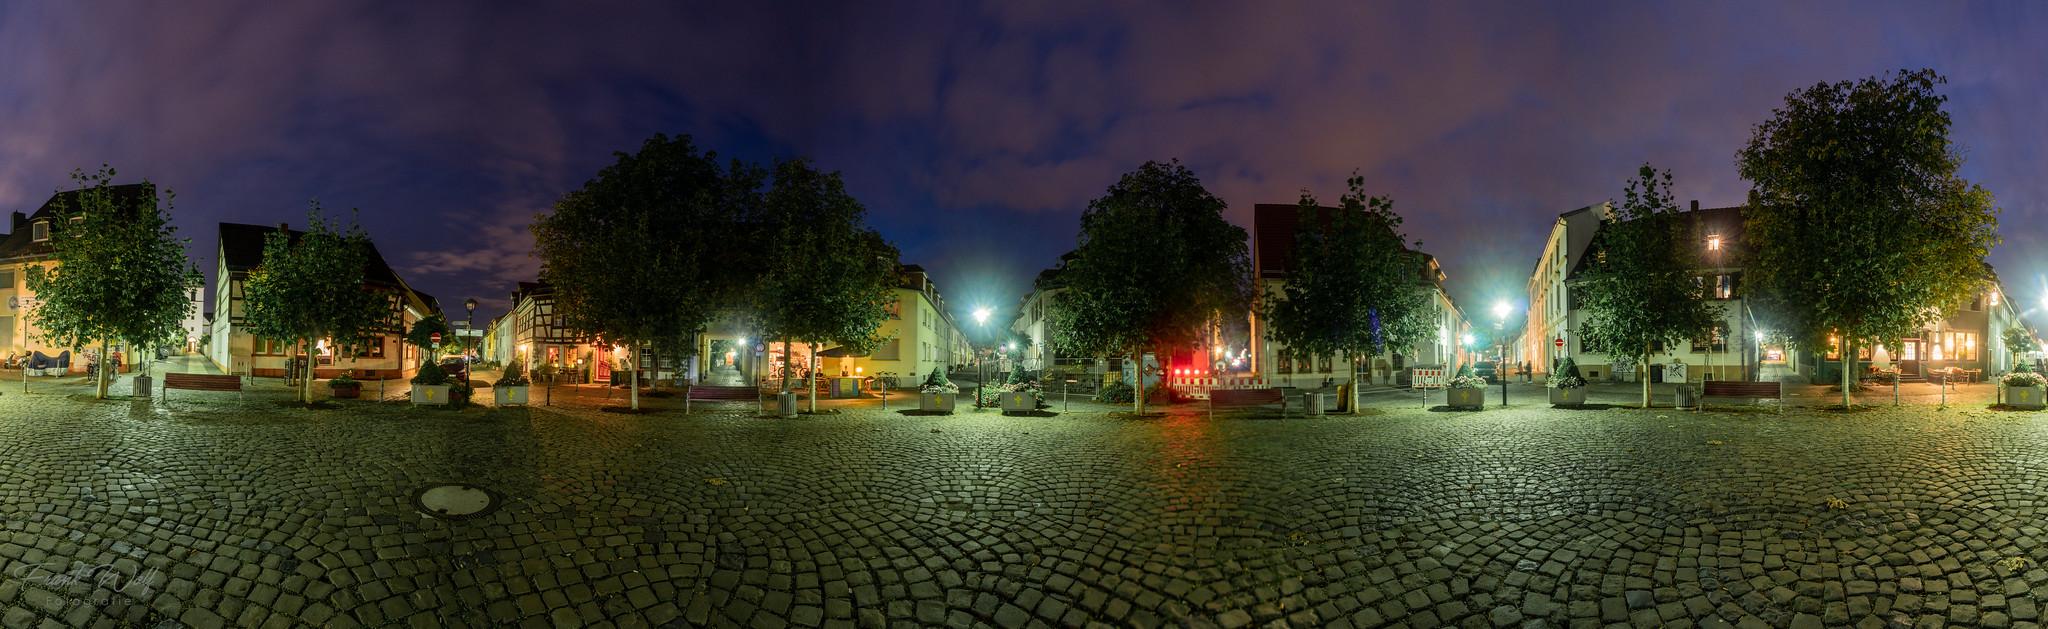 panorama marktplatz neu-isenburg